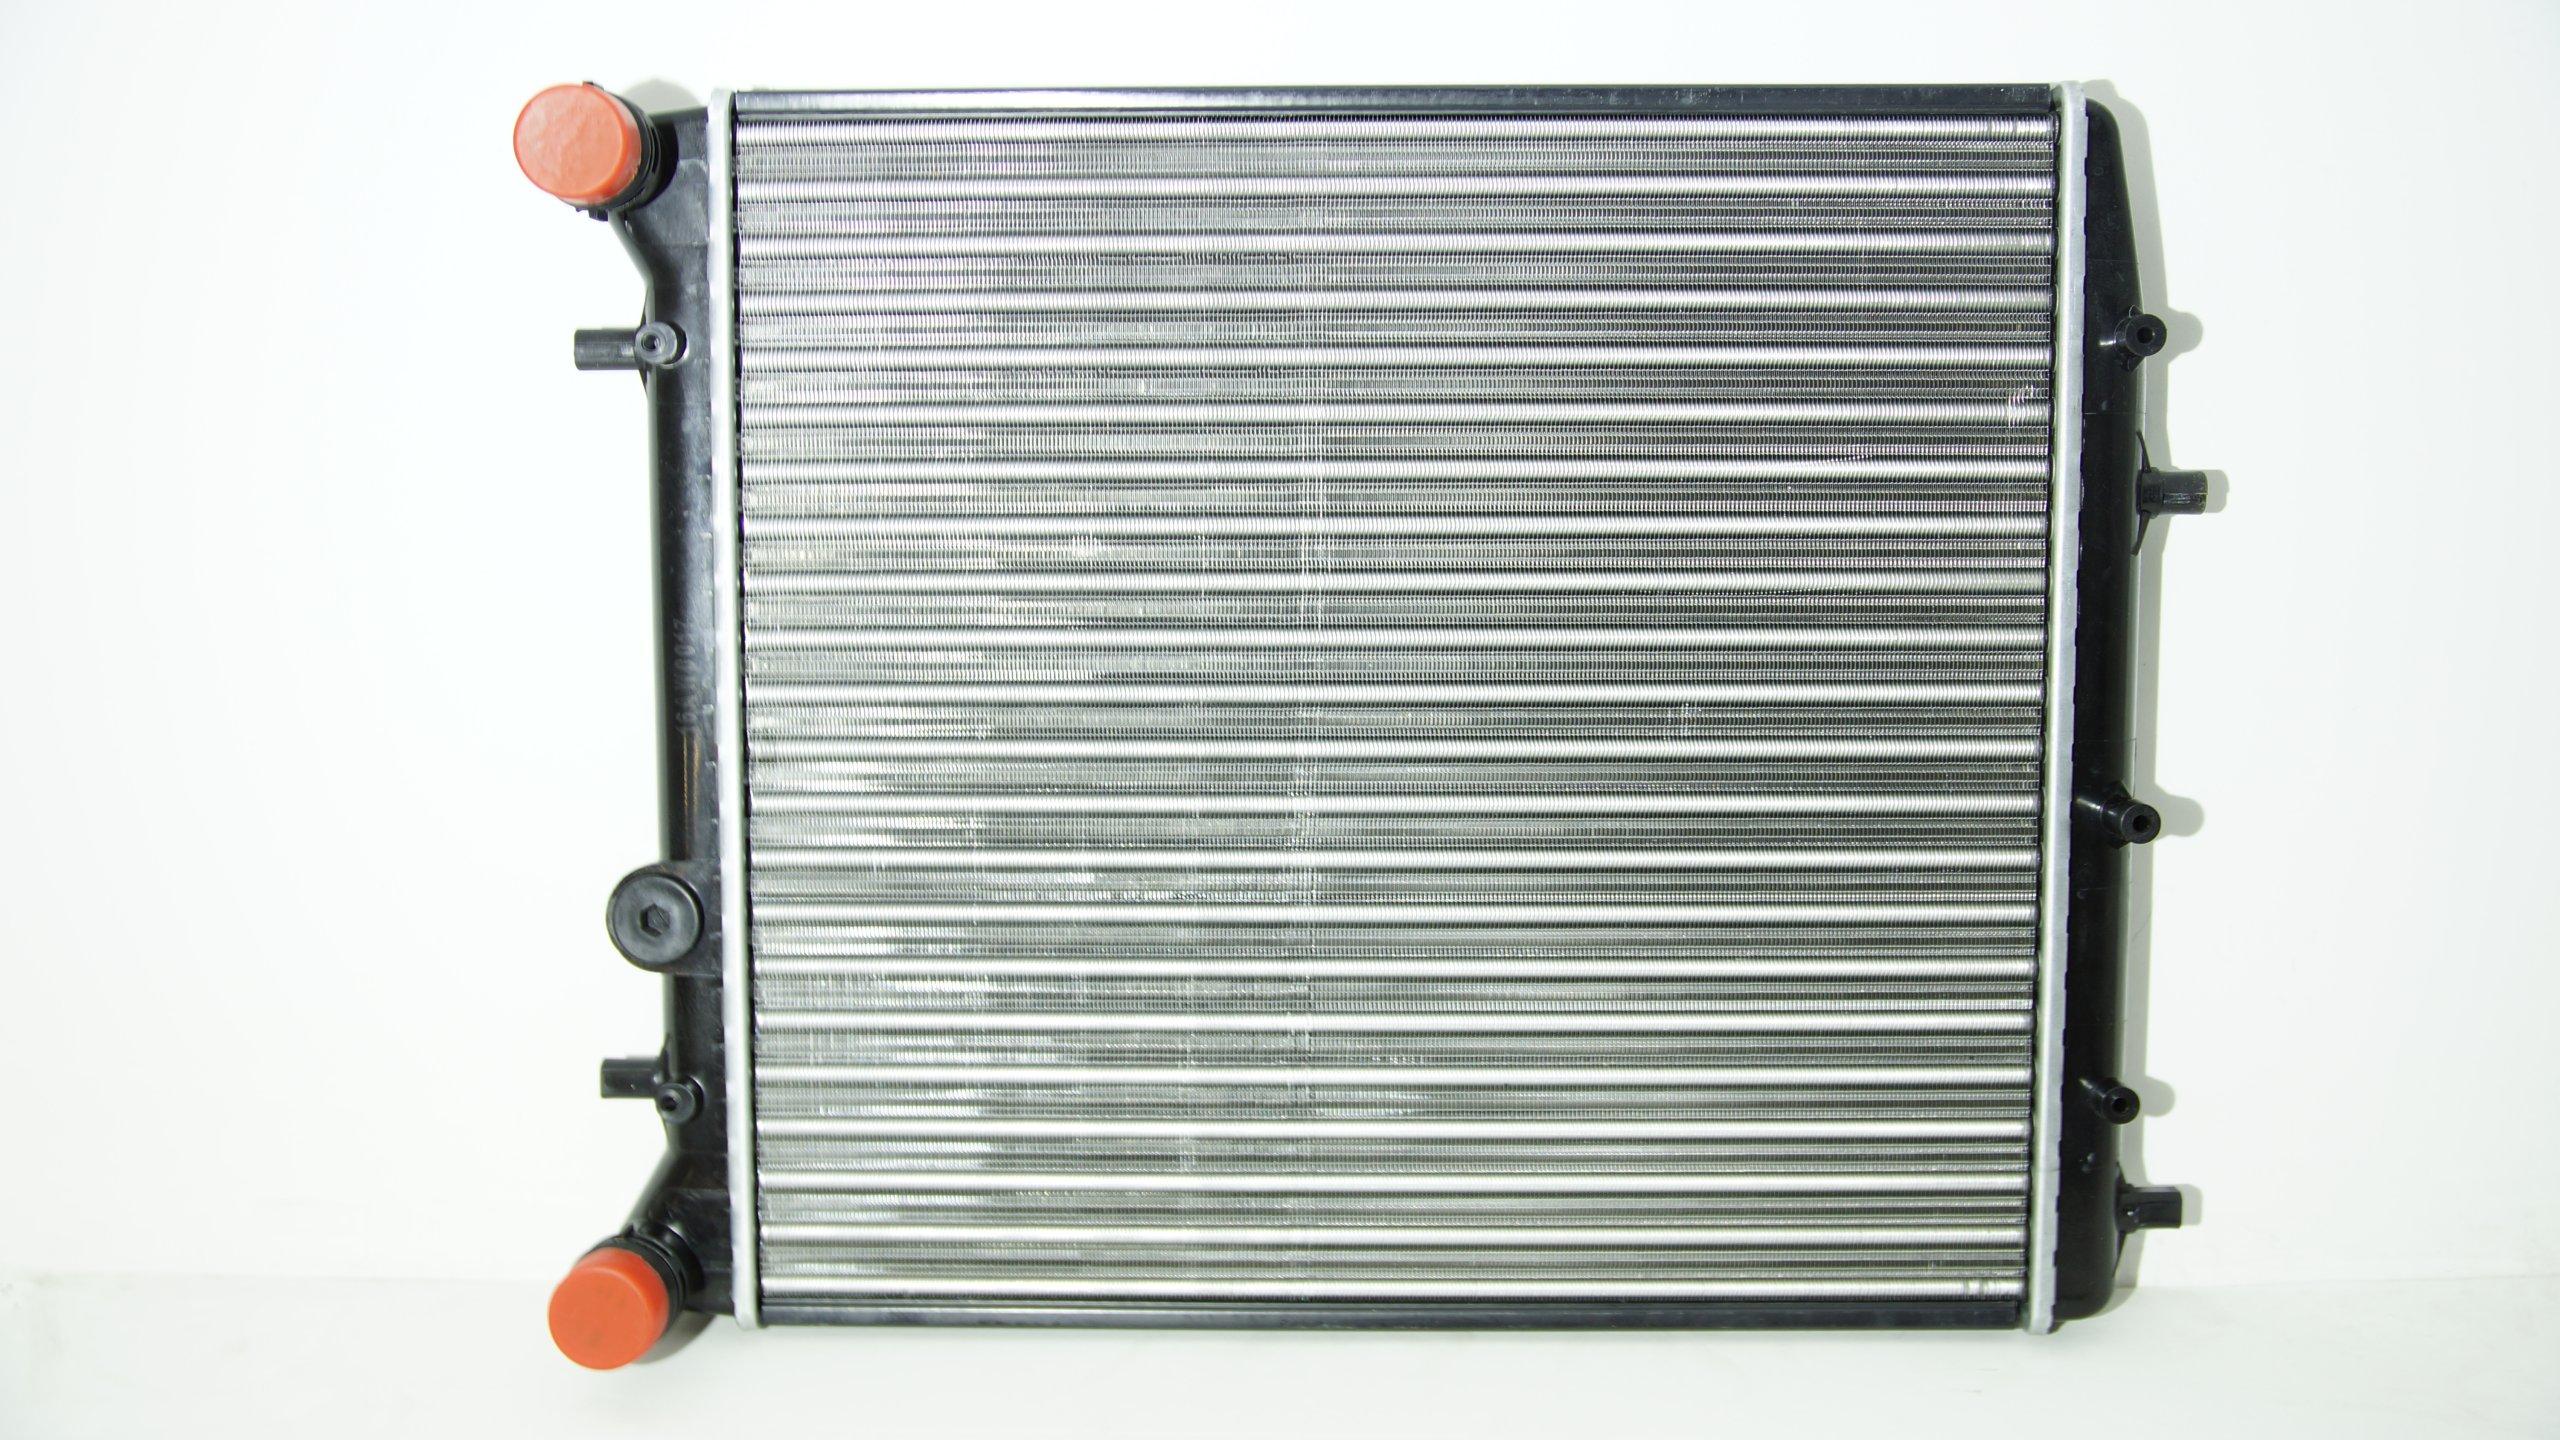 радиатор воды skoda fabia 10 12 14 19 без ac